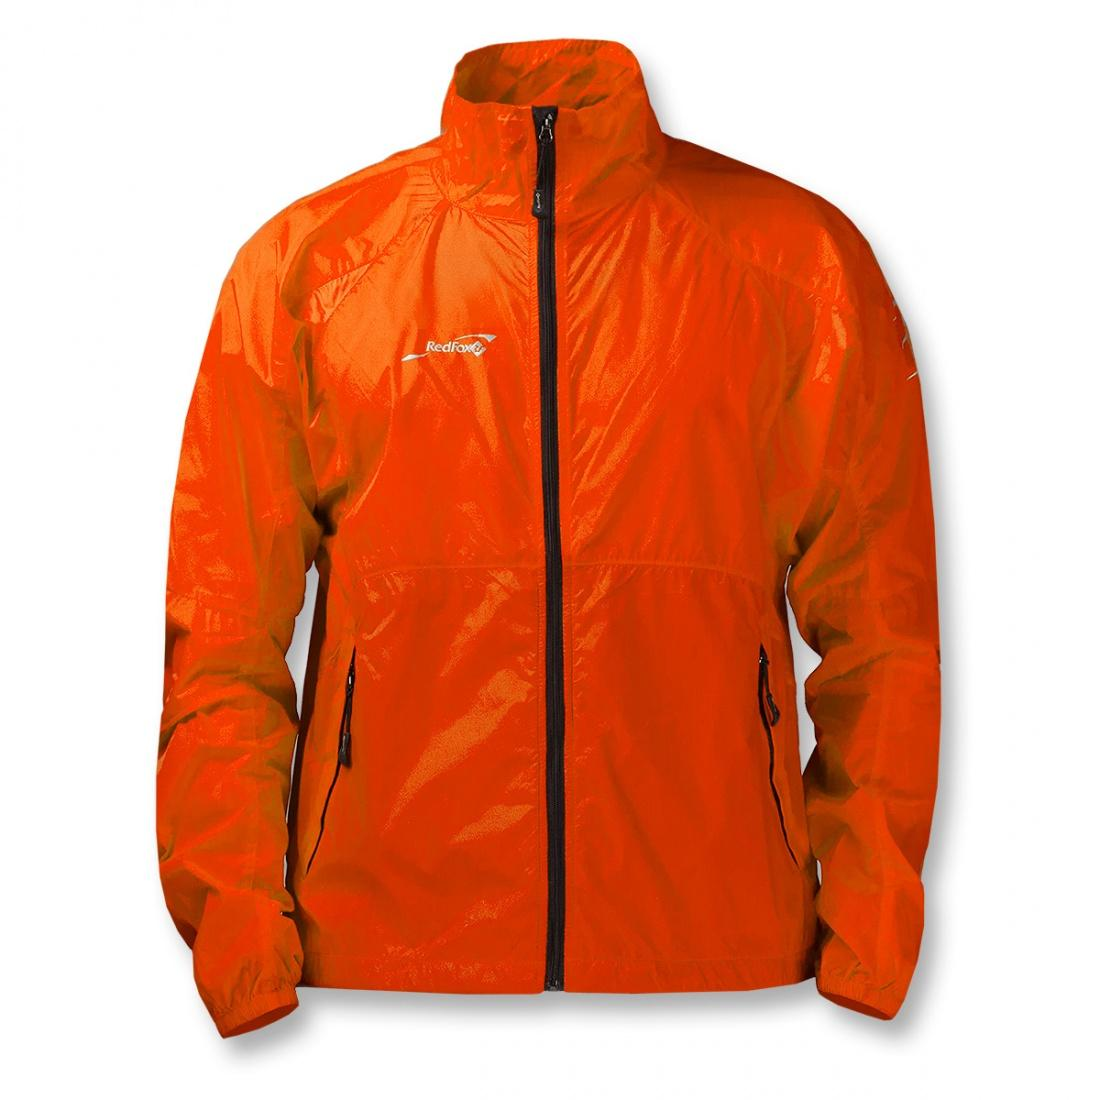 Куртка ветрозащитная Trek Light IIКуртки<br><br> Очень легкая куртка для мультиспортсменов. Отлично сочетает в себе функции защиты от ветра и максимальной свободы движений. Куртку мож...<br><br>Цвет: Оранжевый<br>Размер: 52